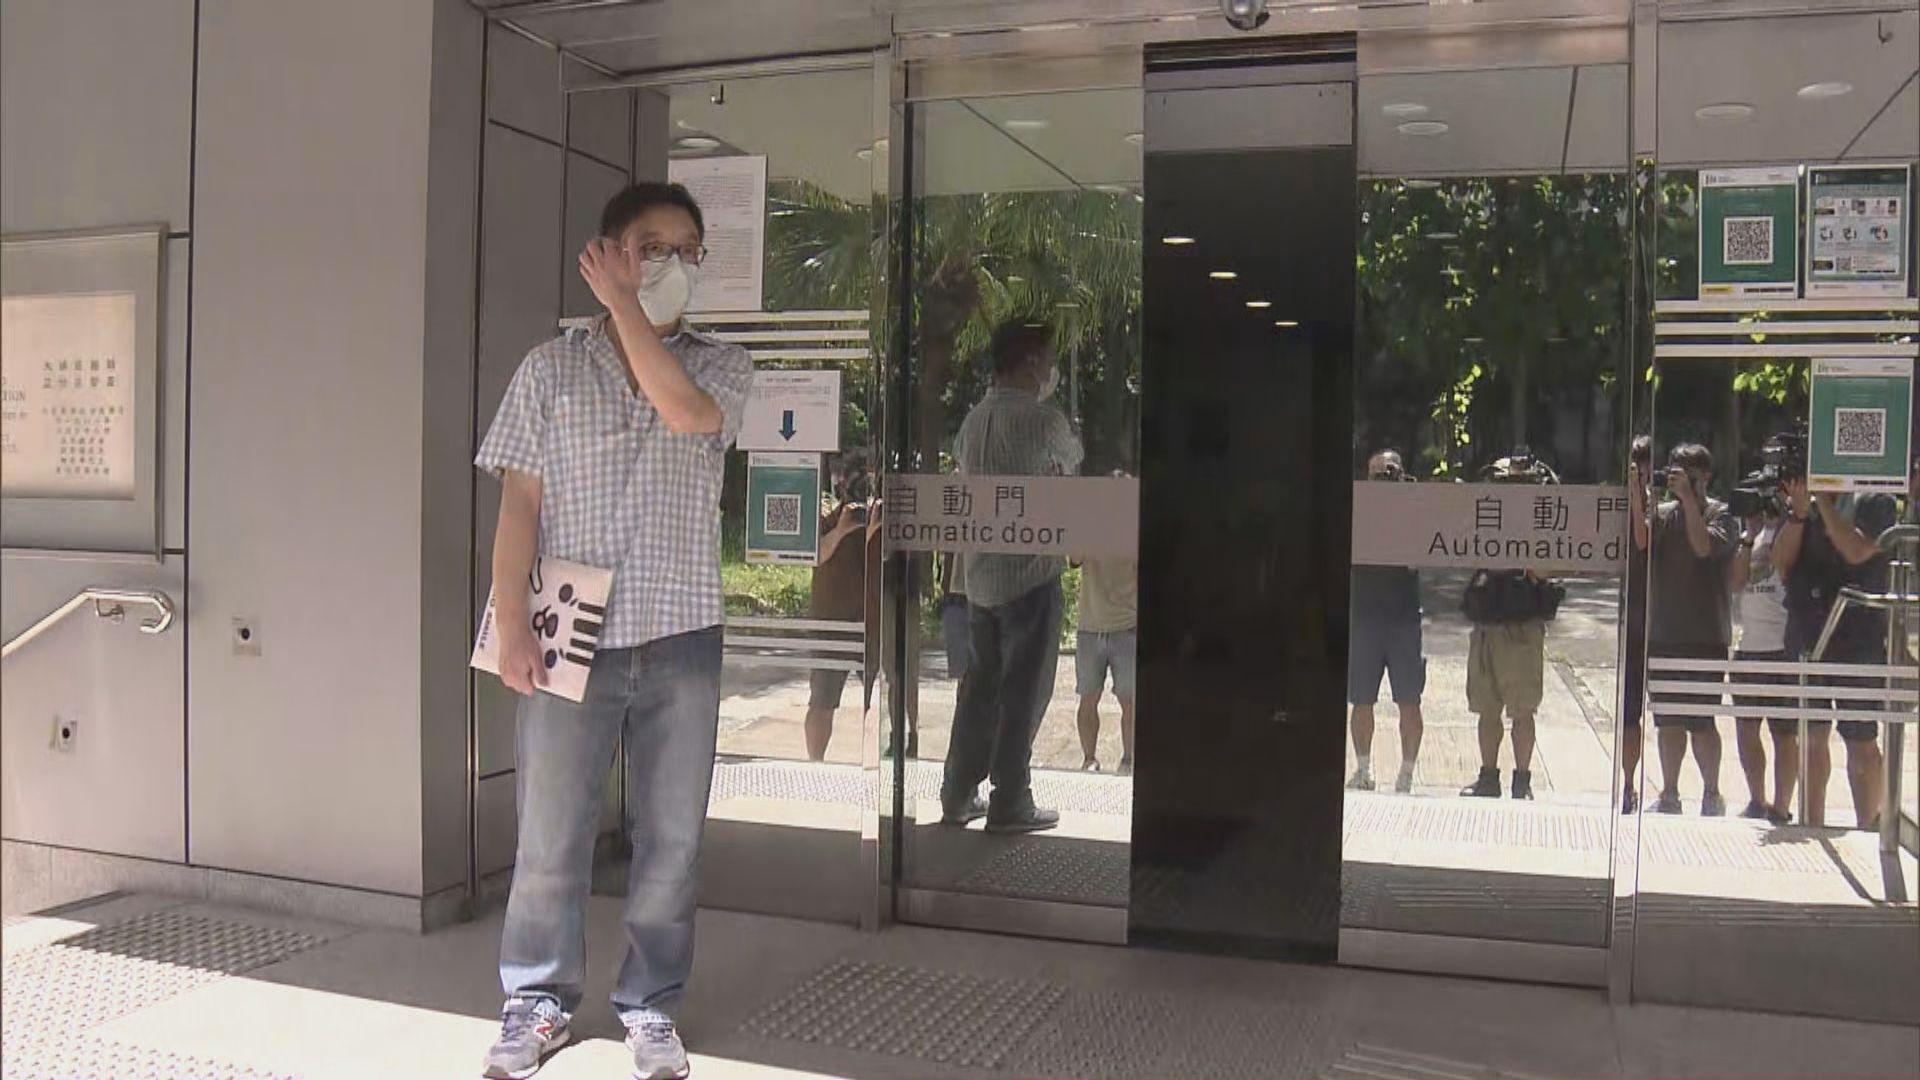 鍾健平再被捕 據悉遭控以組織及參與未經批准集結